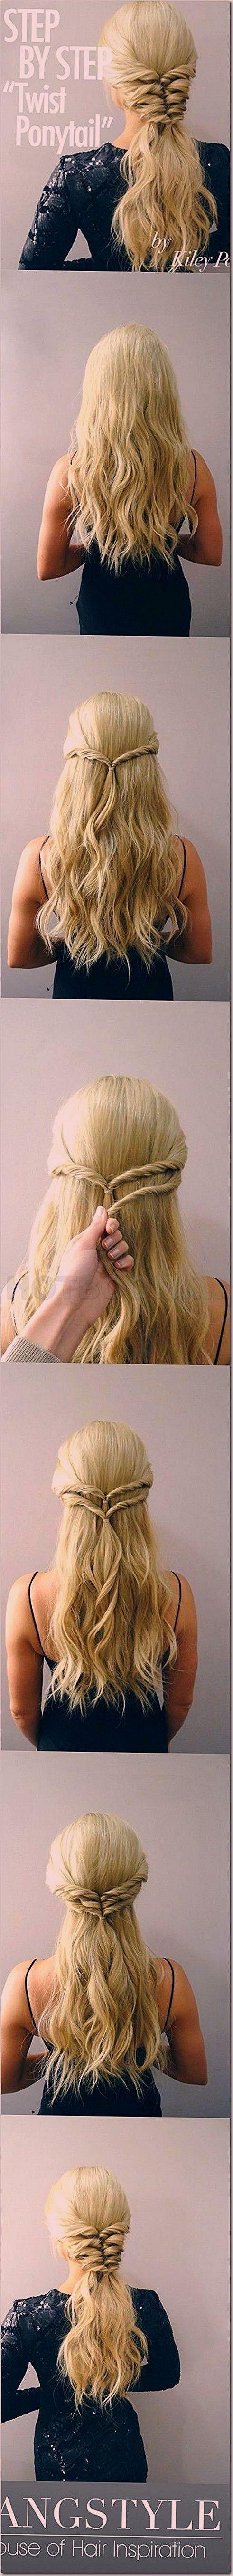 VISIT FOR MORE Frisuren der Frauen kurz mittlerer Schnitt mit Pony